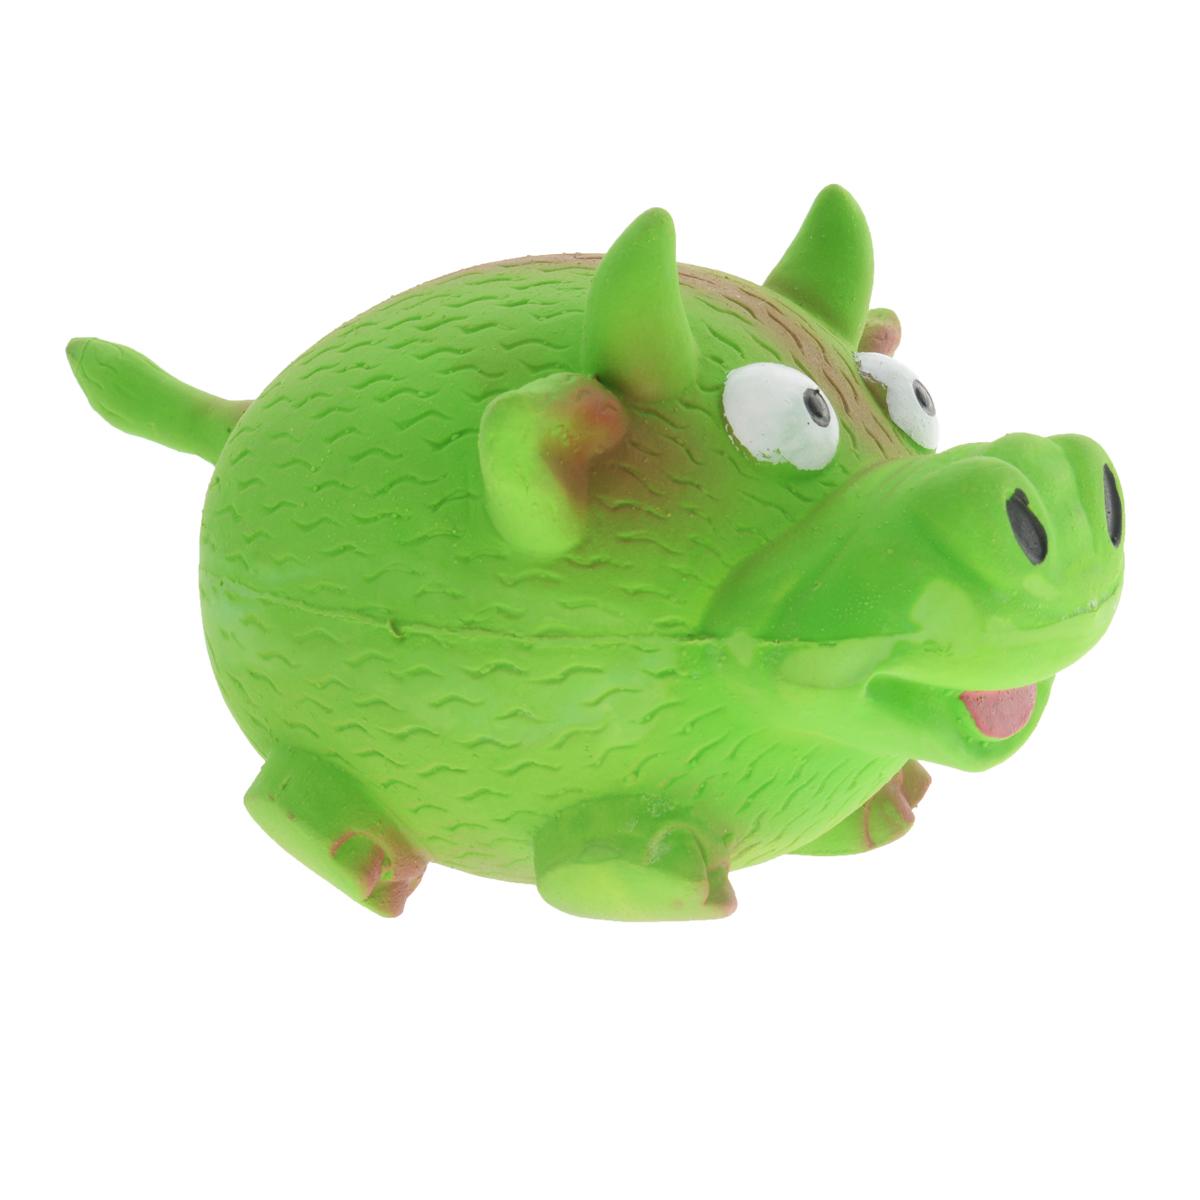 Игрушка для собак V.I.Pet Кабанчик, цвет: зеленыйL-142Игрушка V.I.Pet Кабанчик изготовлена из латекса с использованием только безопасных, не токсичных красителей. Великолепно подходит для игры и массажа десен вашей собаки. Забавный кабанчик при надавливании или захвате пастью пищит. Такая игрушка порадует вашего любимца, а вам доставит массу приятных эмоций, ведь наблюдать за игрой всегда интересно и приятно. Оставшись в одиночестве, ваша собака будет увлеченно играть в эту игрушку.